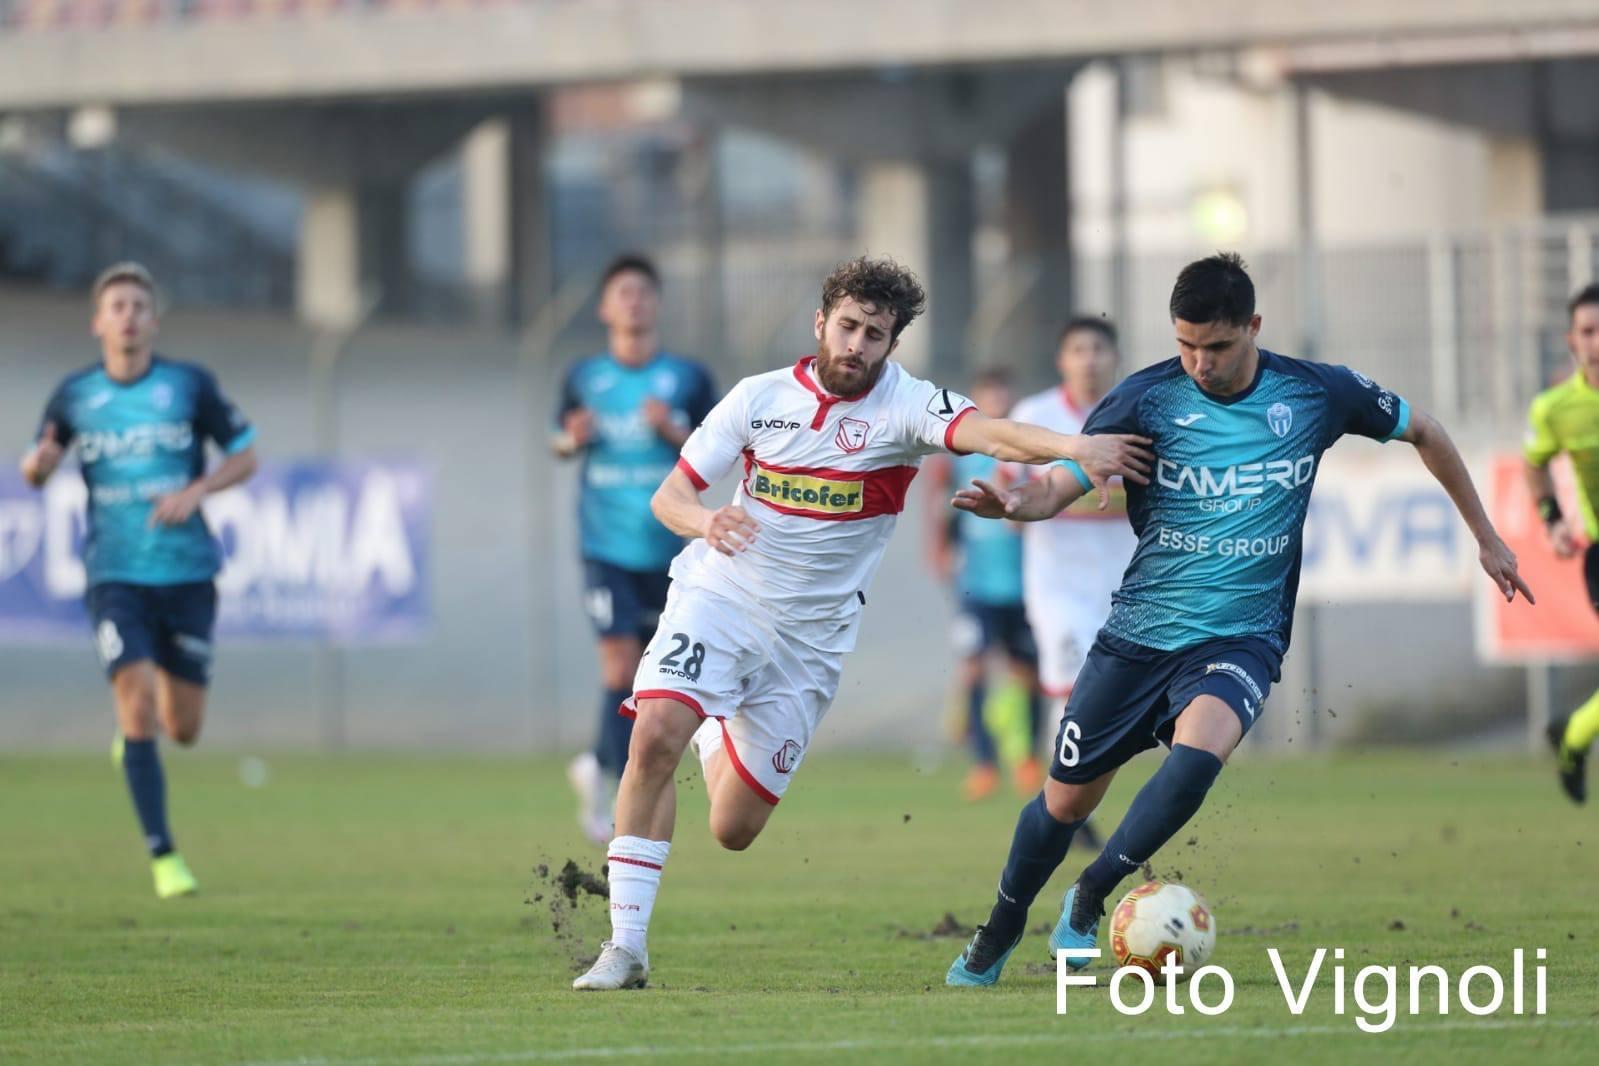 Carpi-Legnago 0-0, highlights